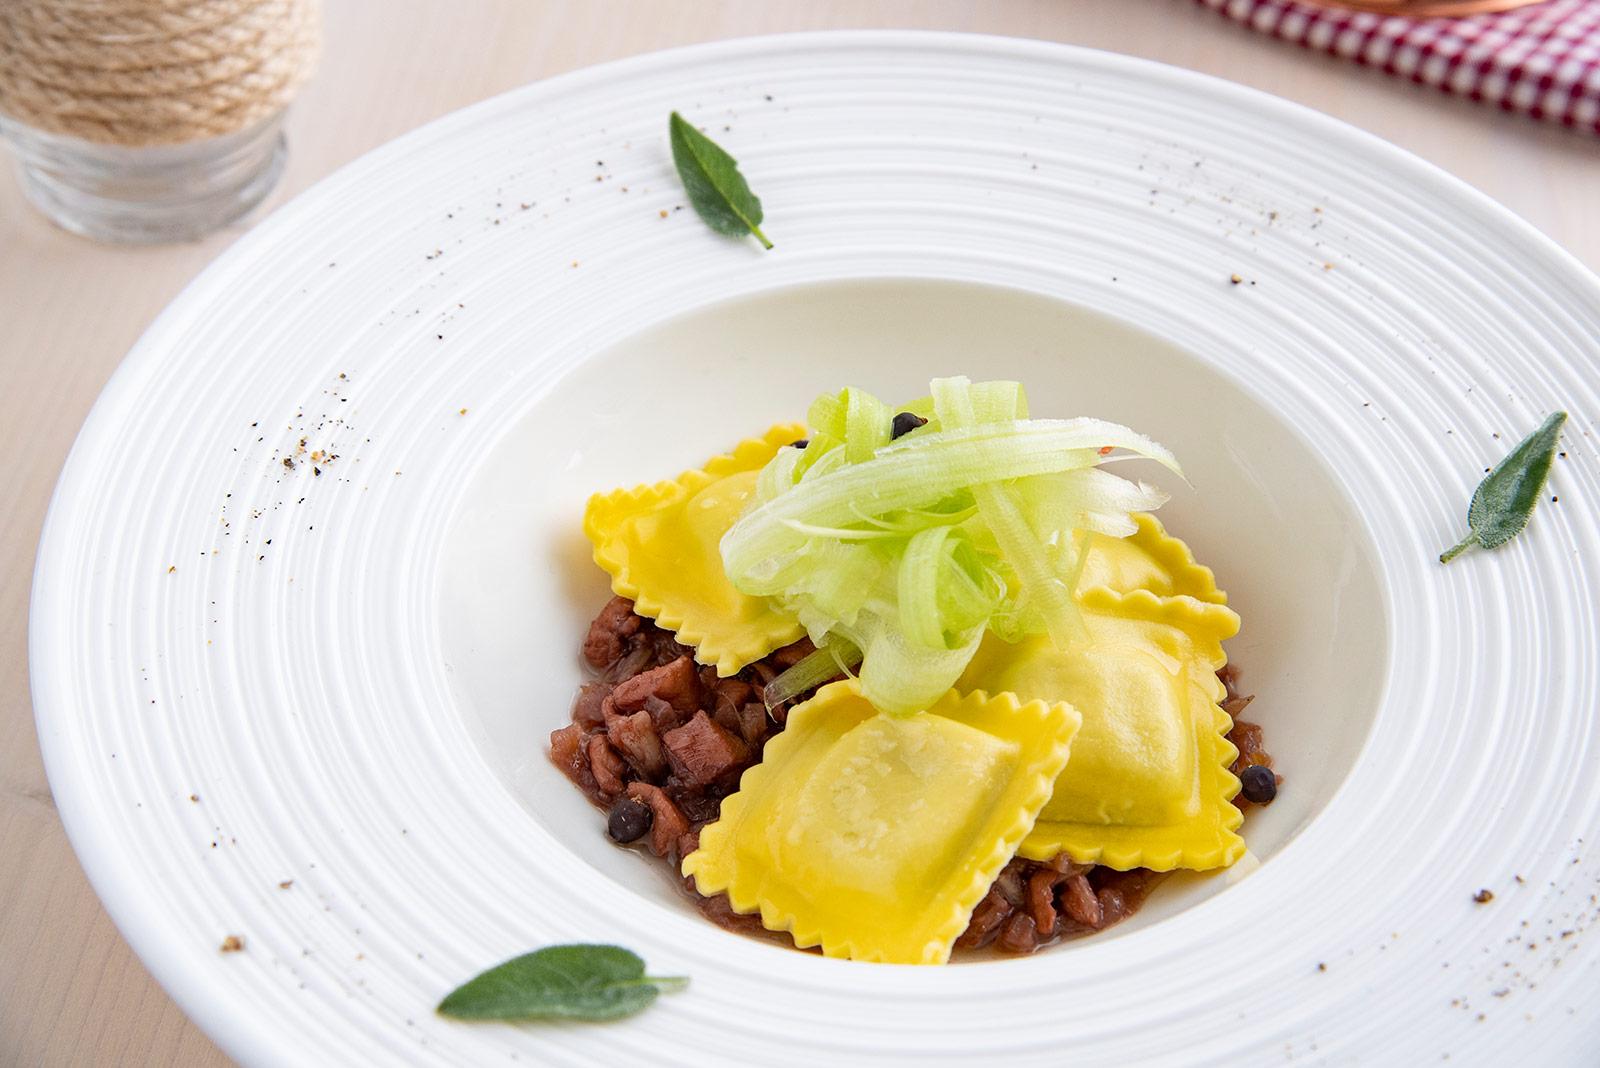 Ricetta Ravioli alla zucca con ragù stufato di coniglio al vino rosso, sedano croccante e ginepro - Pasta di Venezia